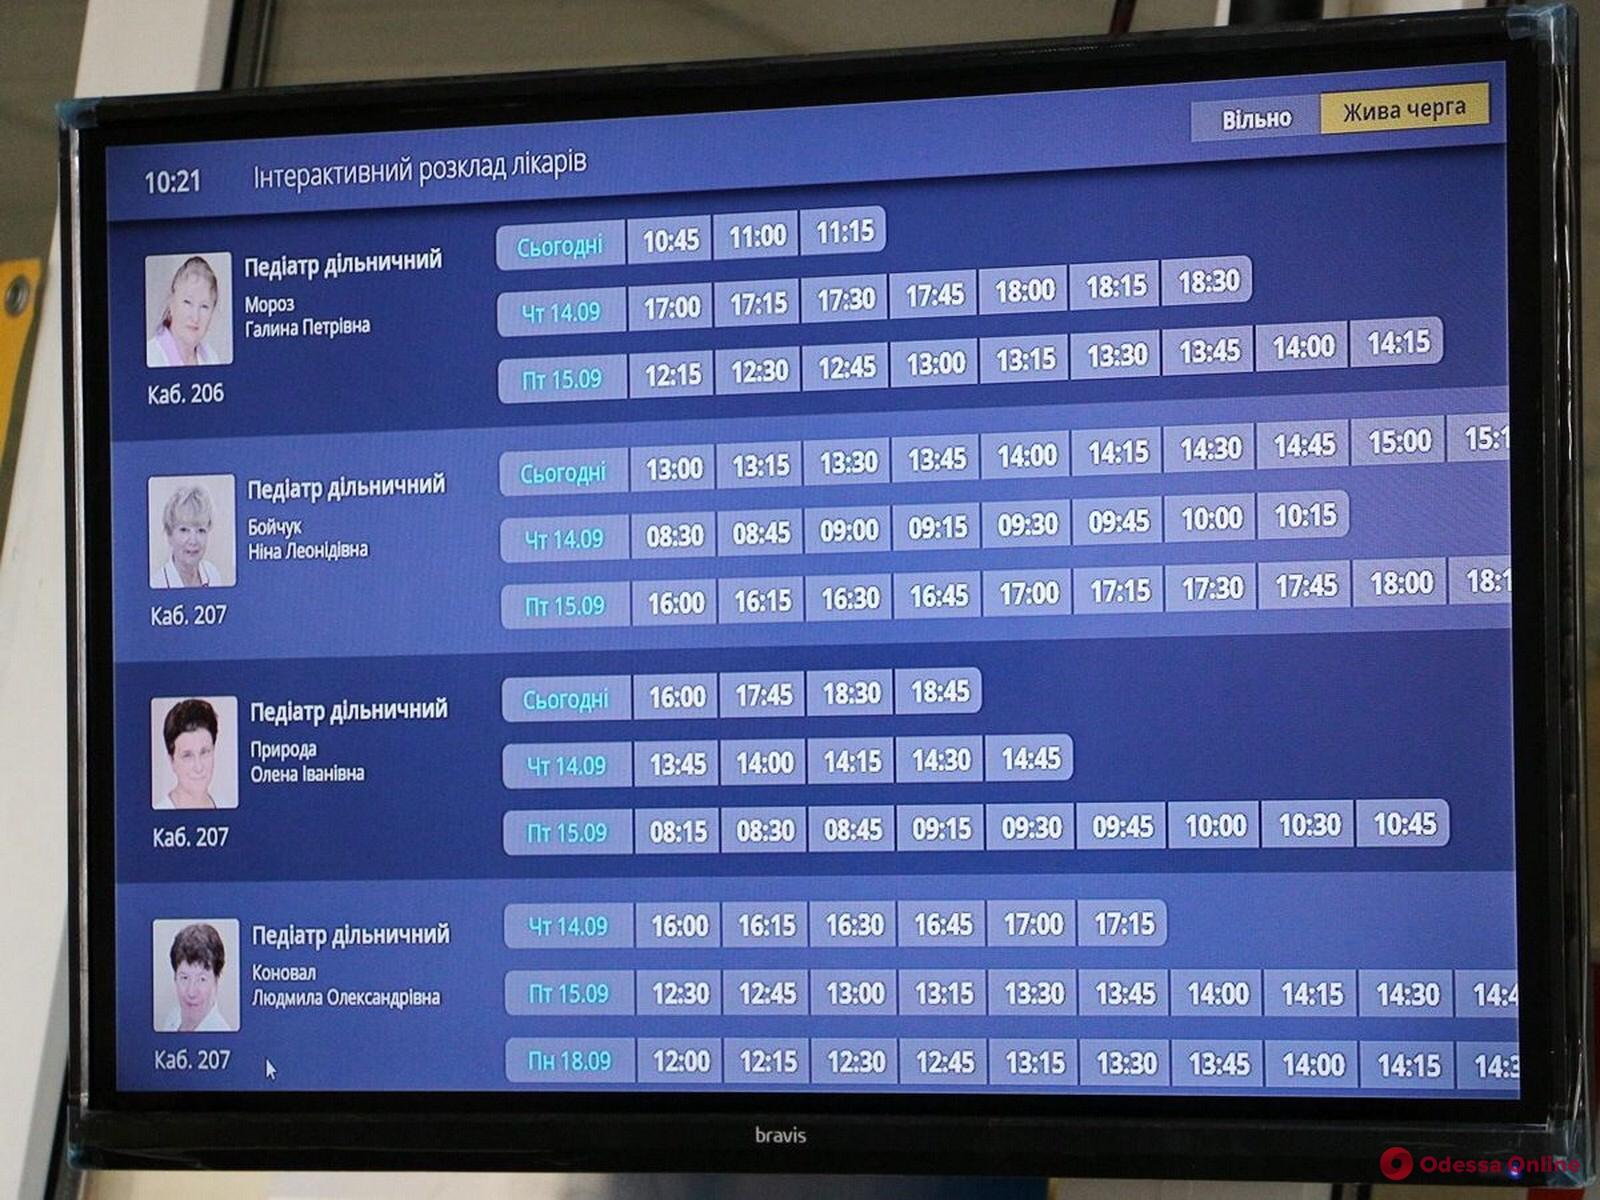 В амбулаториях и детских поликлиниках Одессы появились видеоэкраны